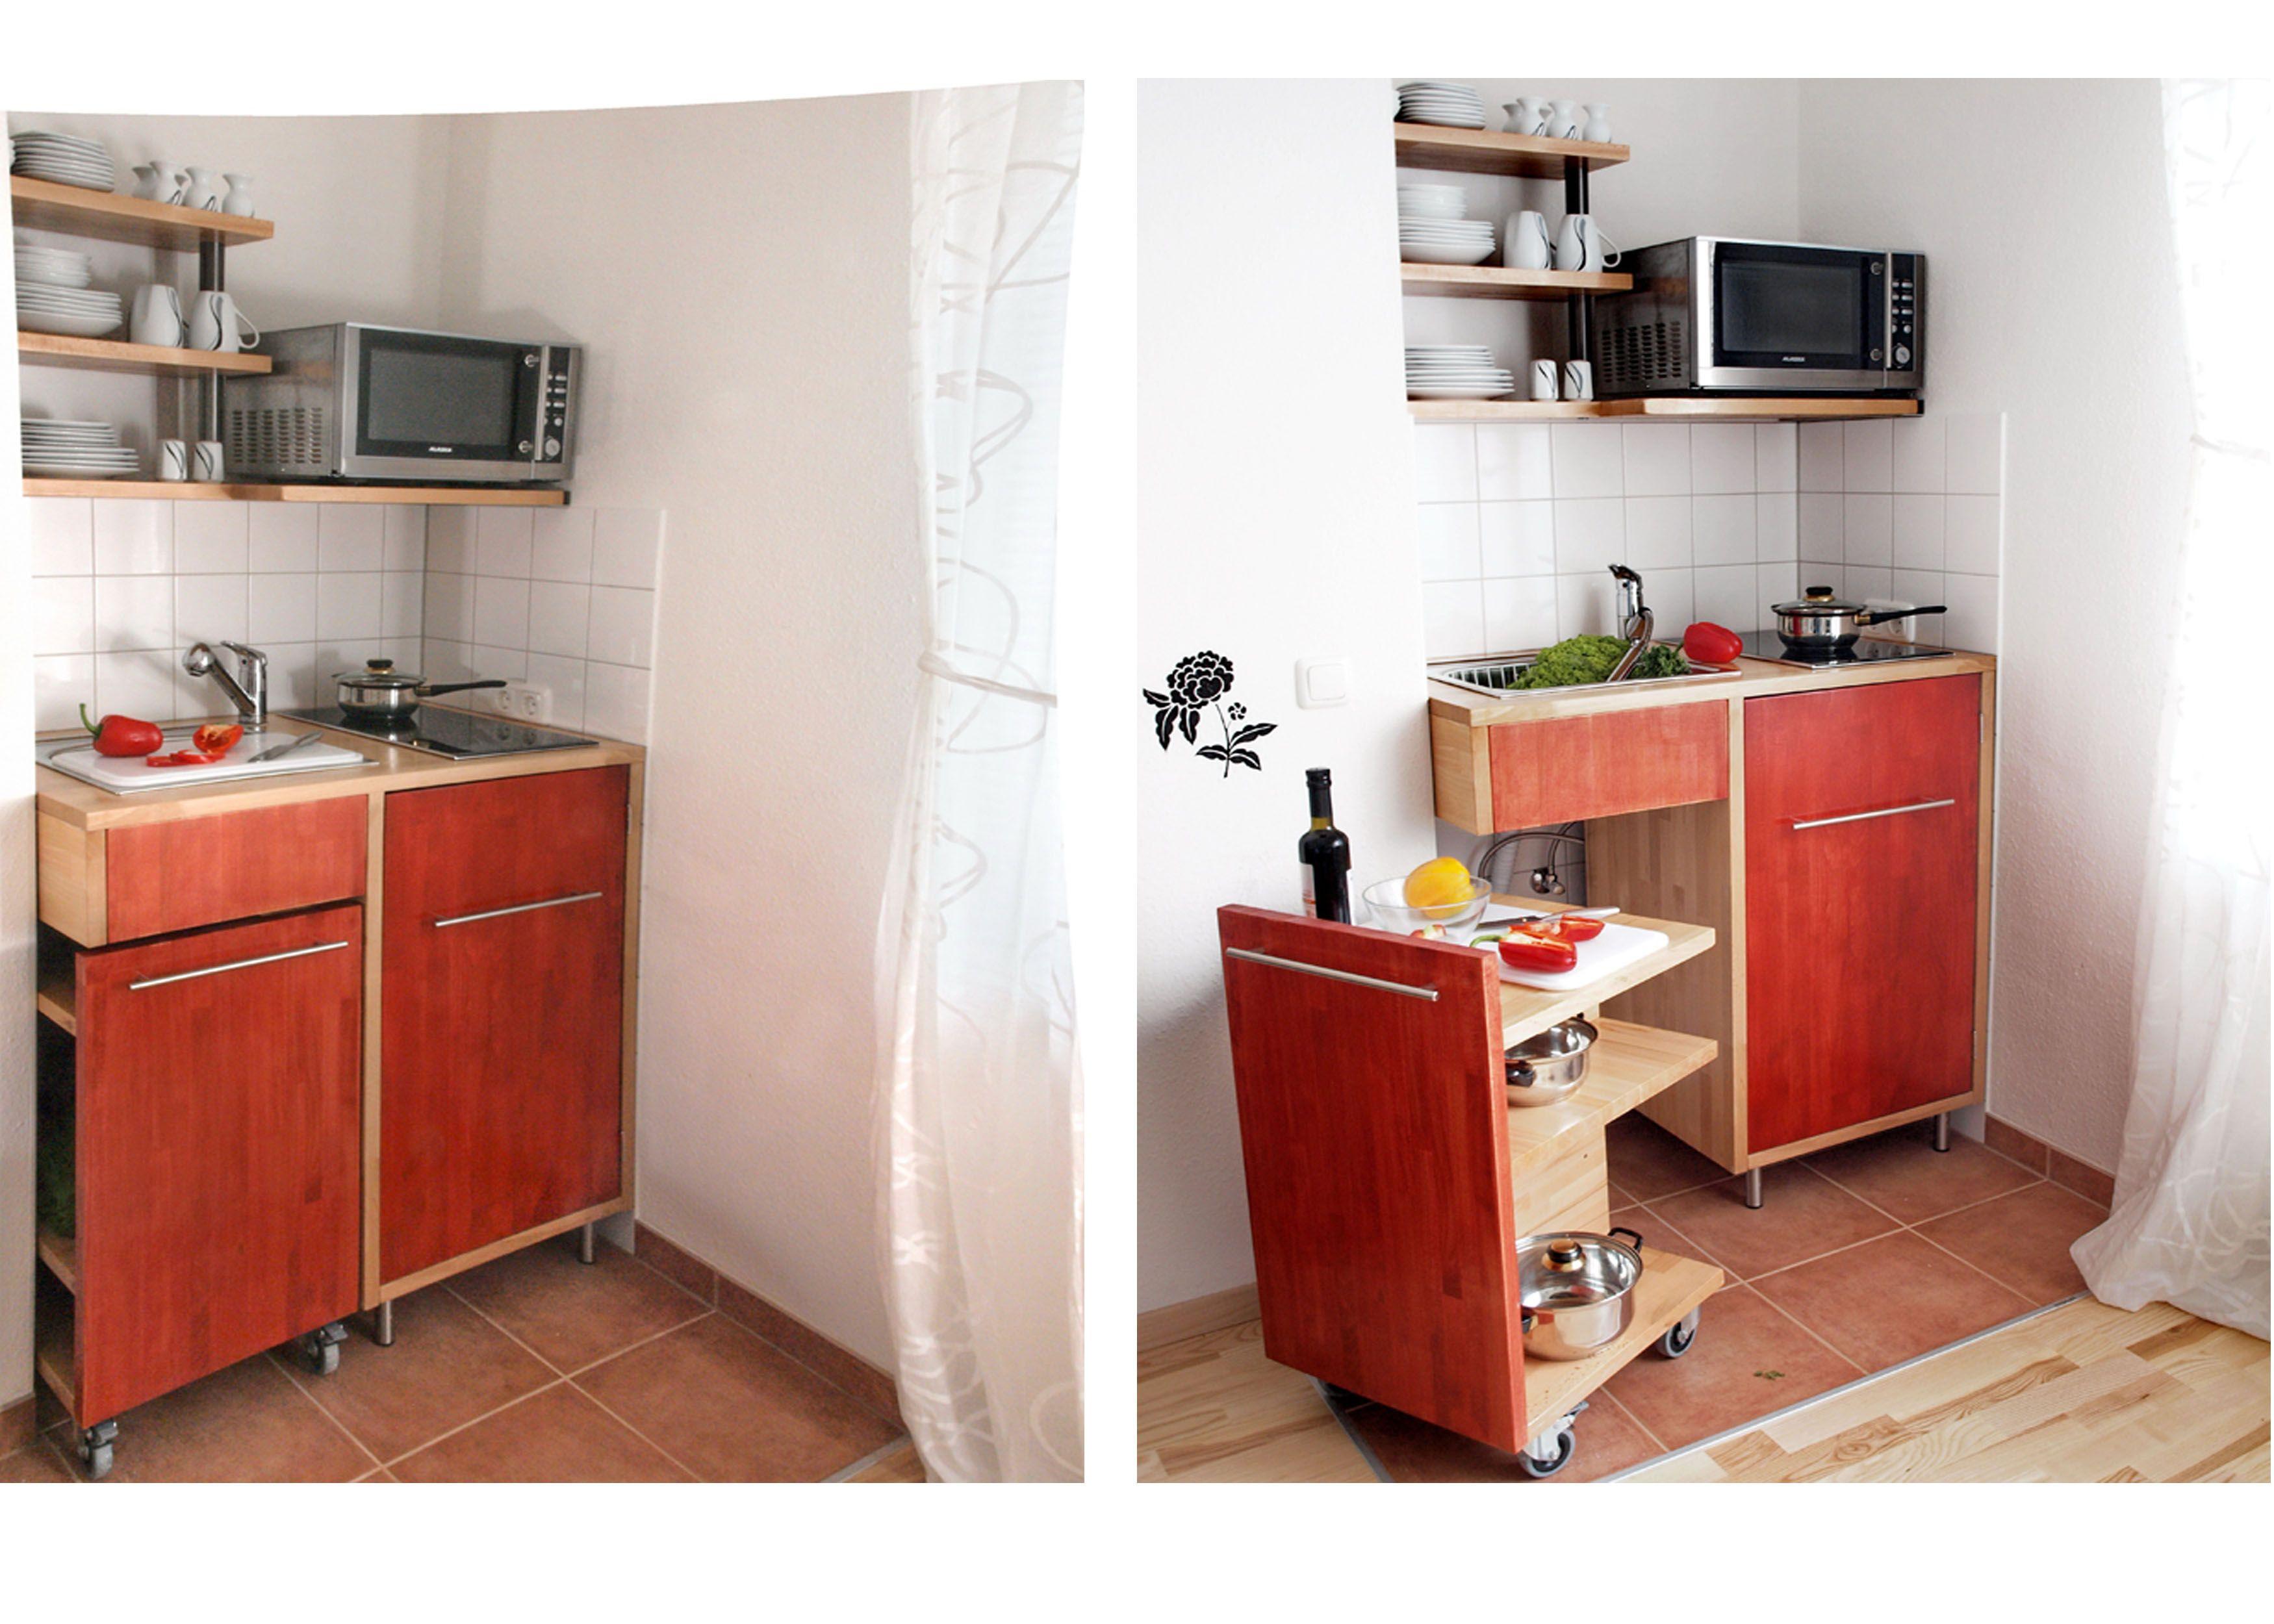 DIY Küche Für Kleine Räume: Die Erste Eigene Wohnung Hat Keine Küche? Dann